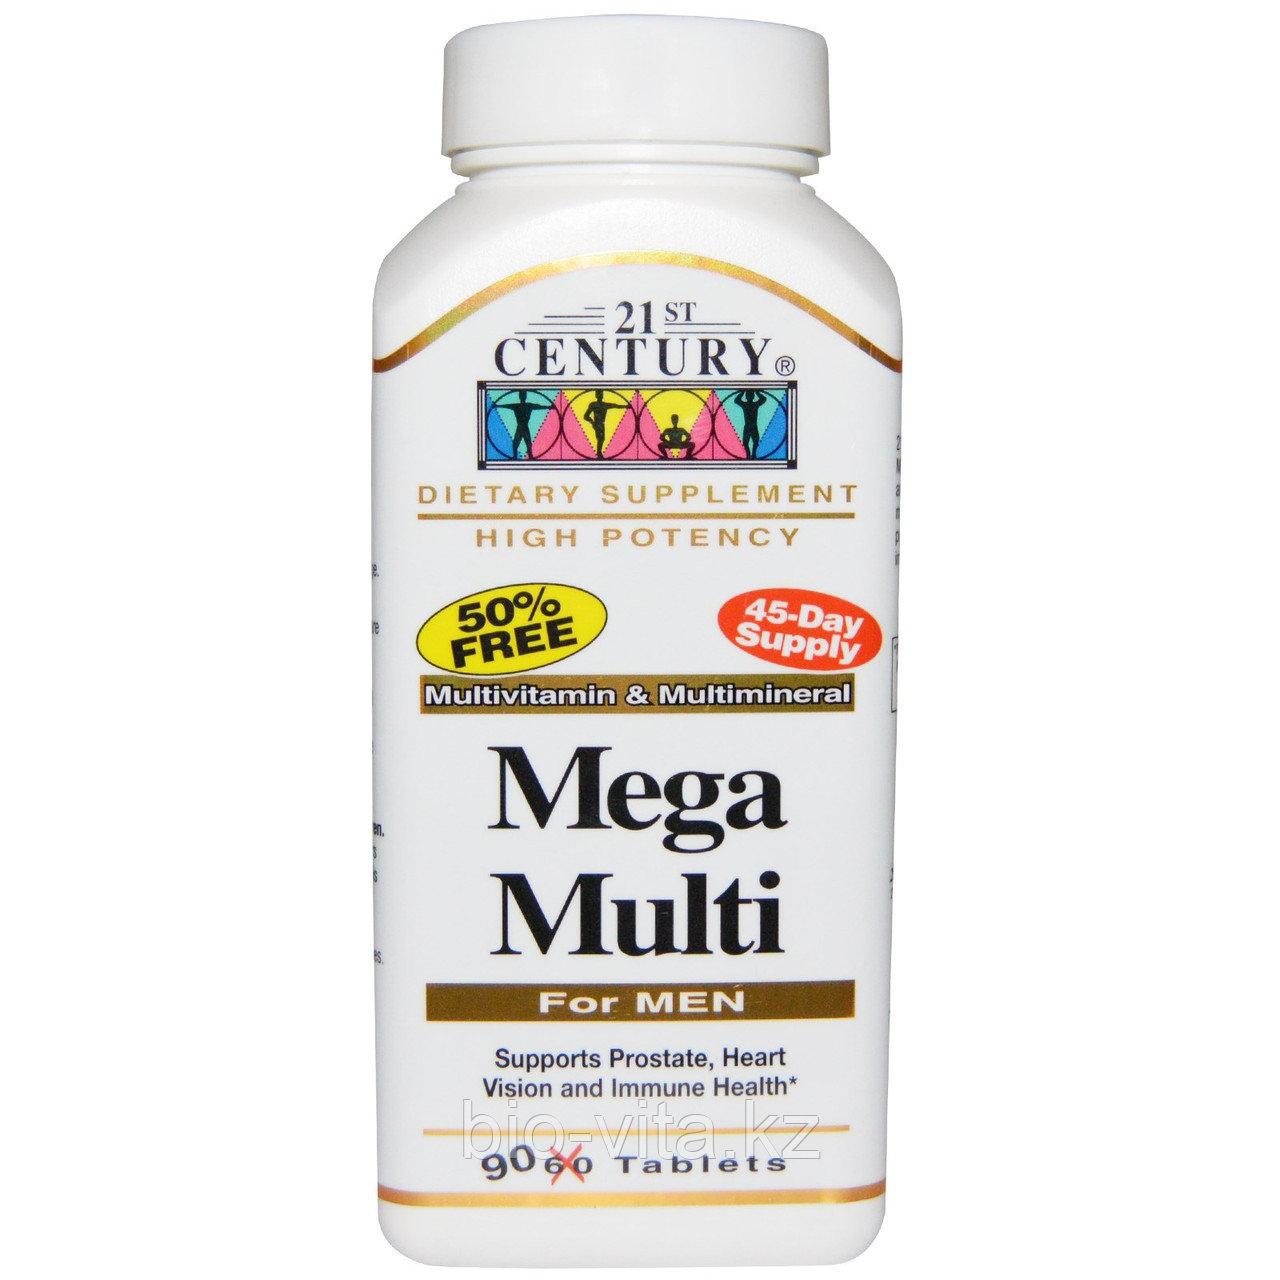 21st Century, Mega Multi, для мужчин,витамины и минералы, 90 таблеток. Плюс профилактика простатита.